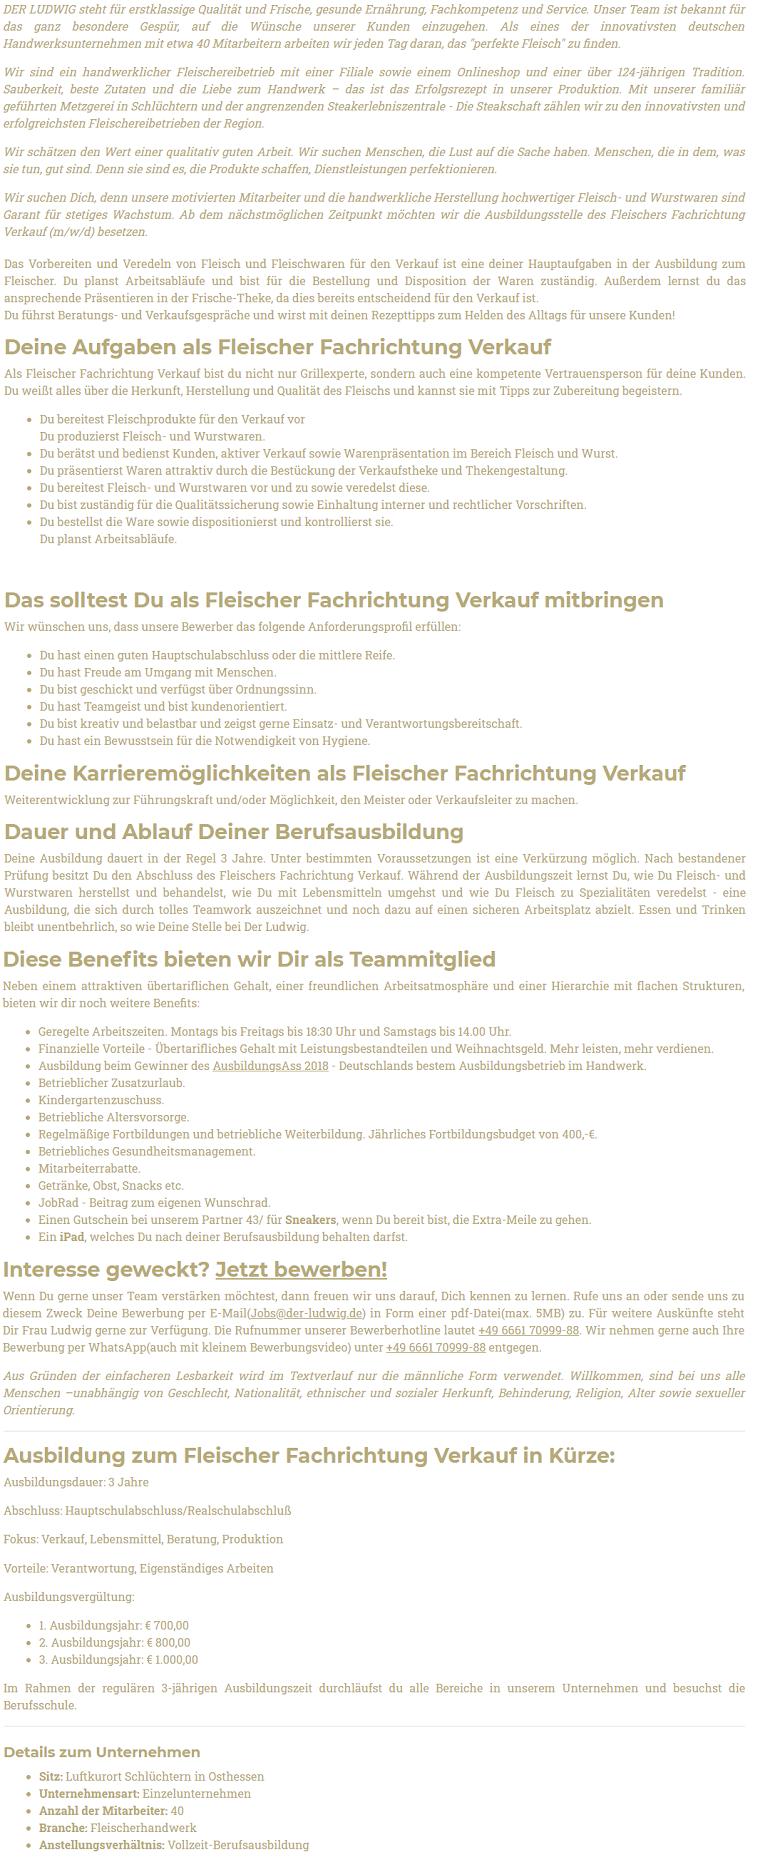 Azubi_Fleischer_Verkauf